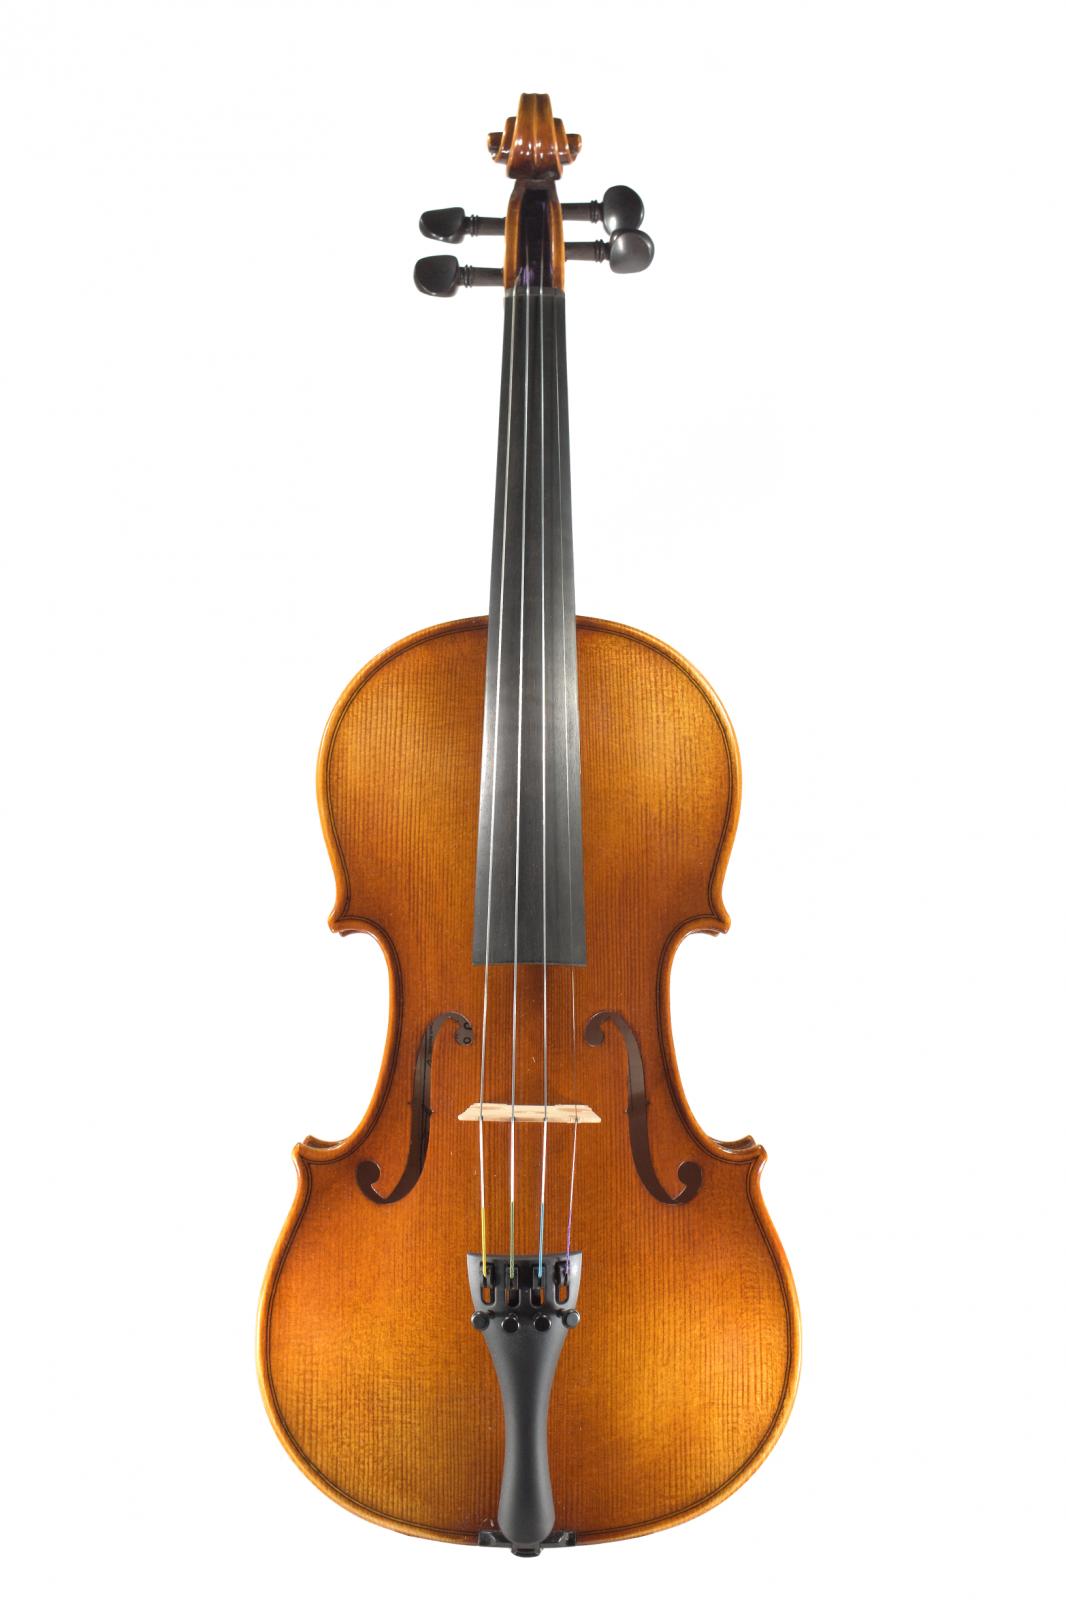 Krutz Model 400 Violin